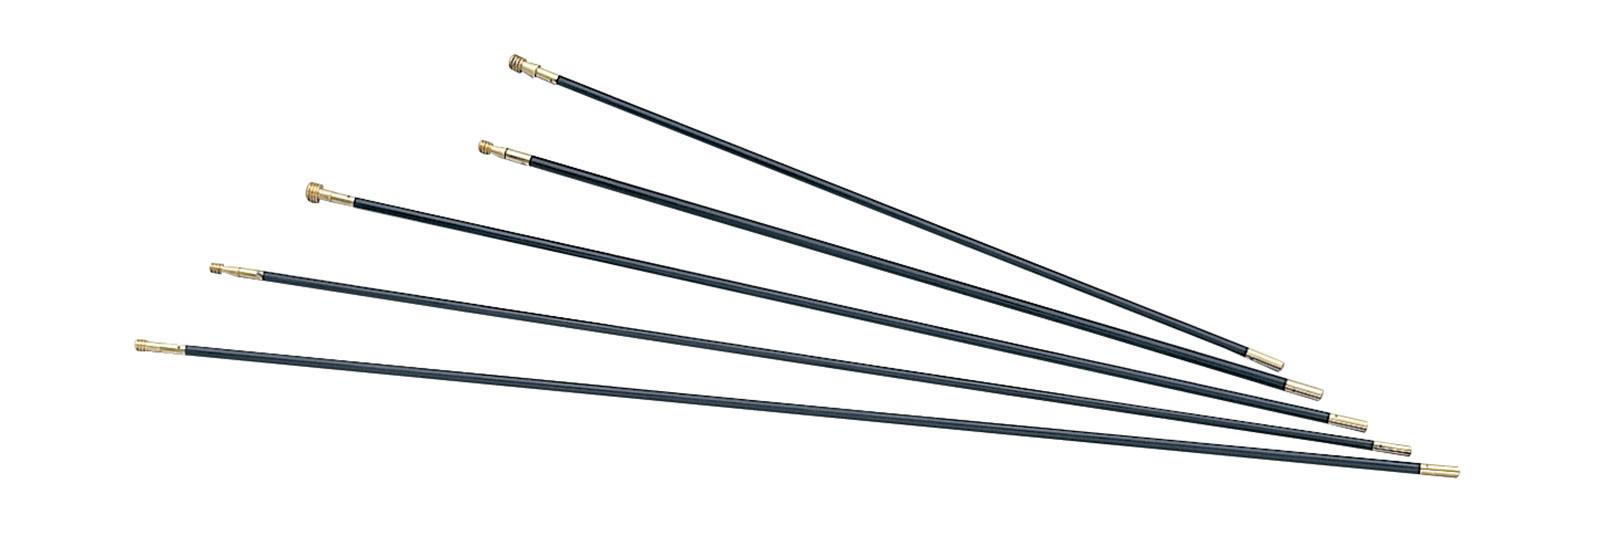 Fiber rod 9x1060mm